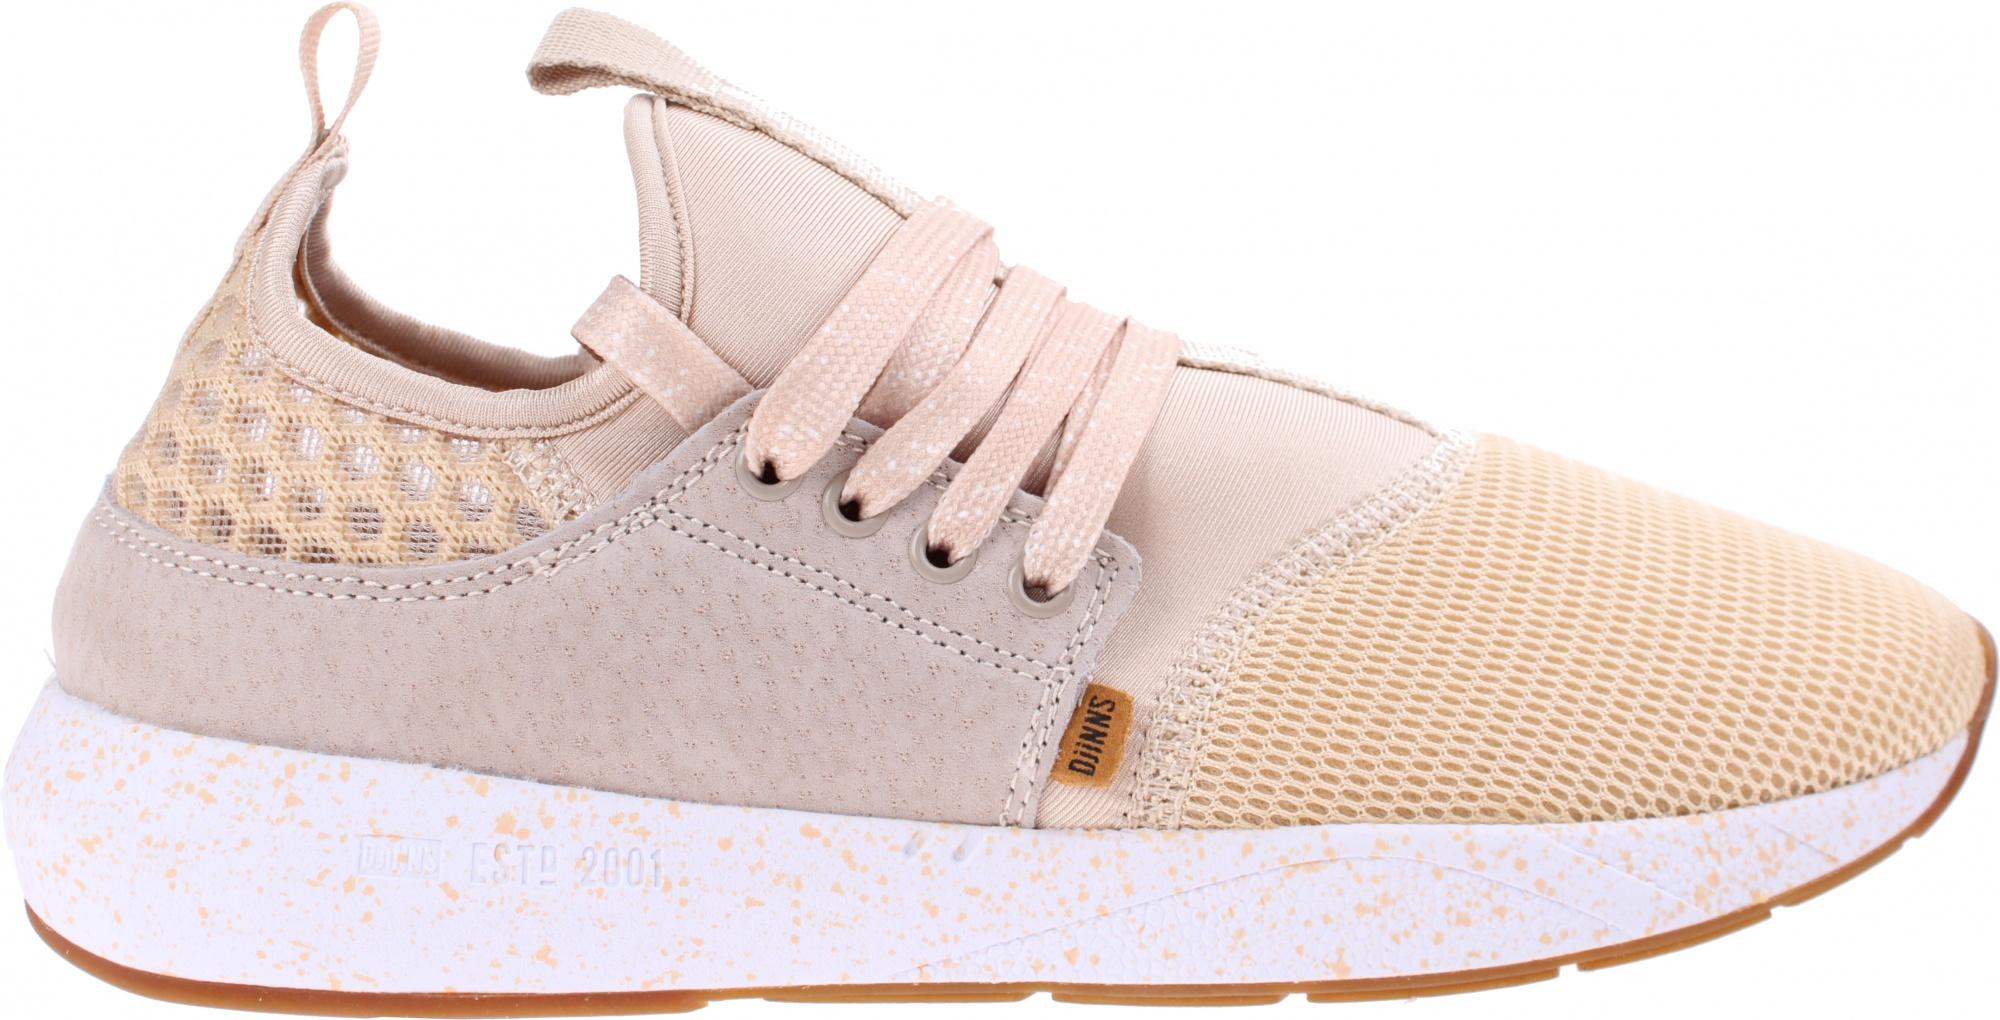 dc1007123 Djinn's sneakers MocLau 3.0 Triple Mesh men sand - Internet ...